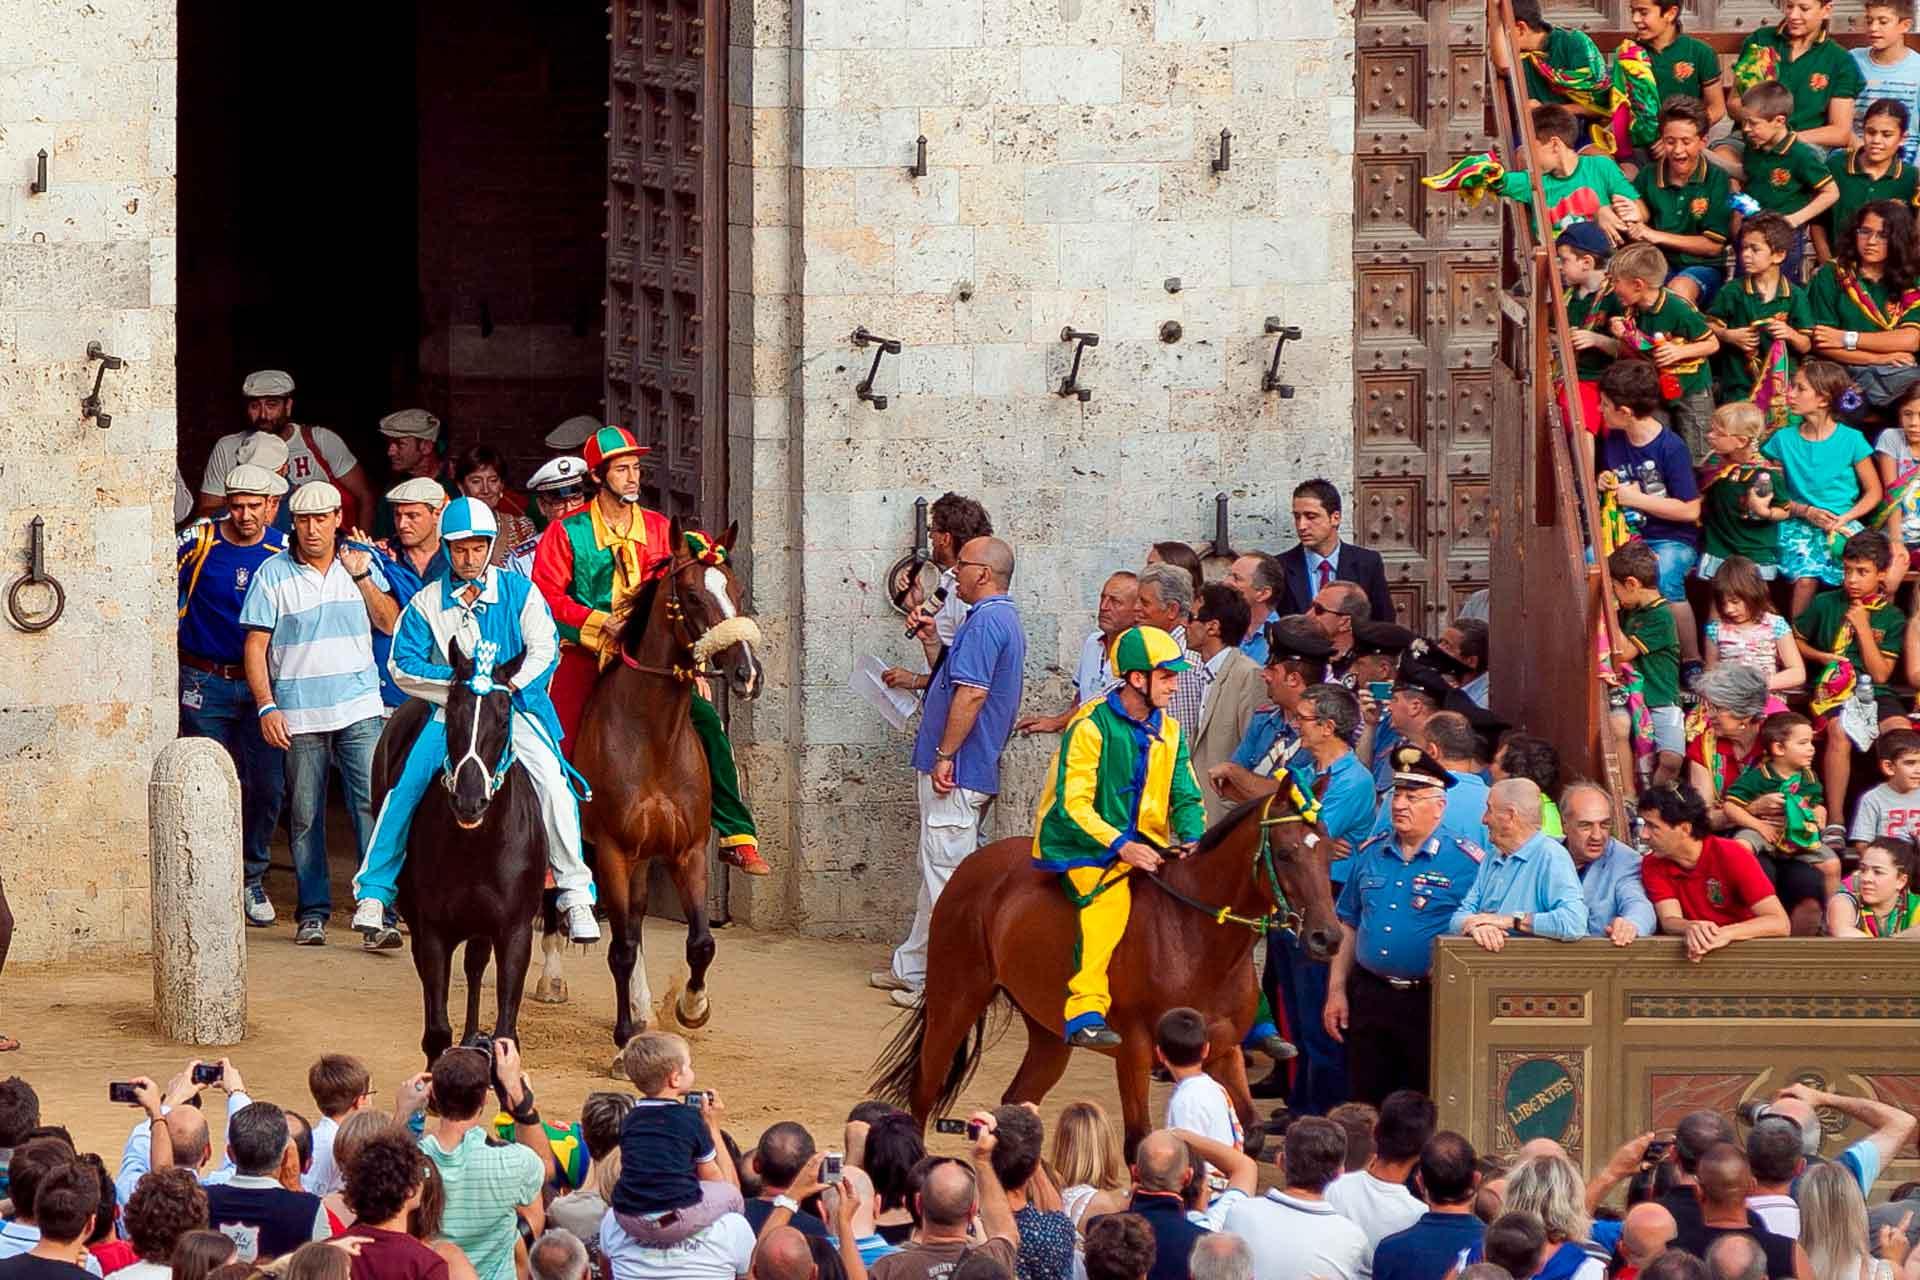 LA PRIMA PROVA - I Barbareschi in secondo piano, rispetto ai protagonisti della corsa, si avviano nella loro postazione a bordo pista.